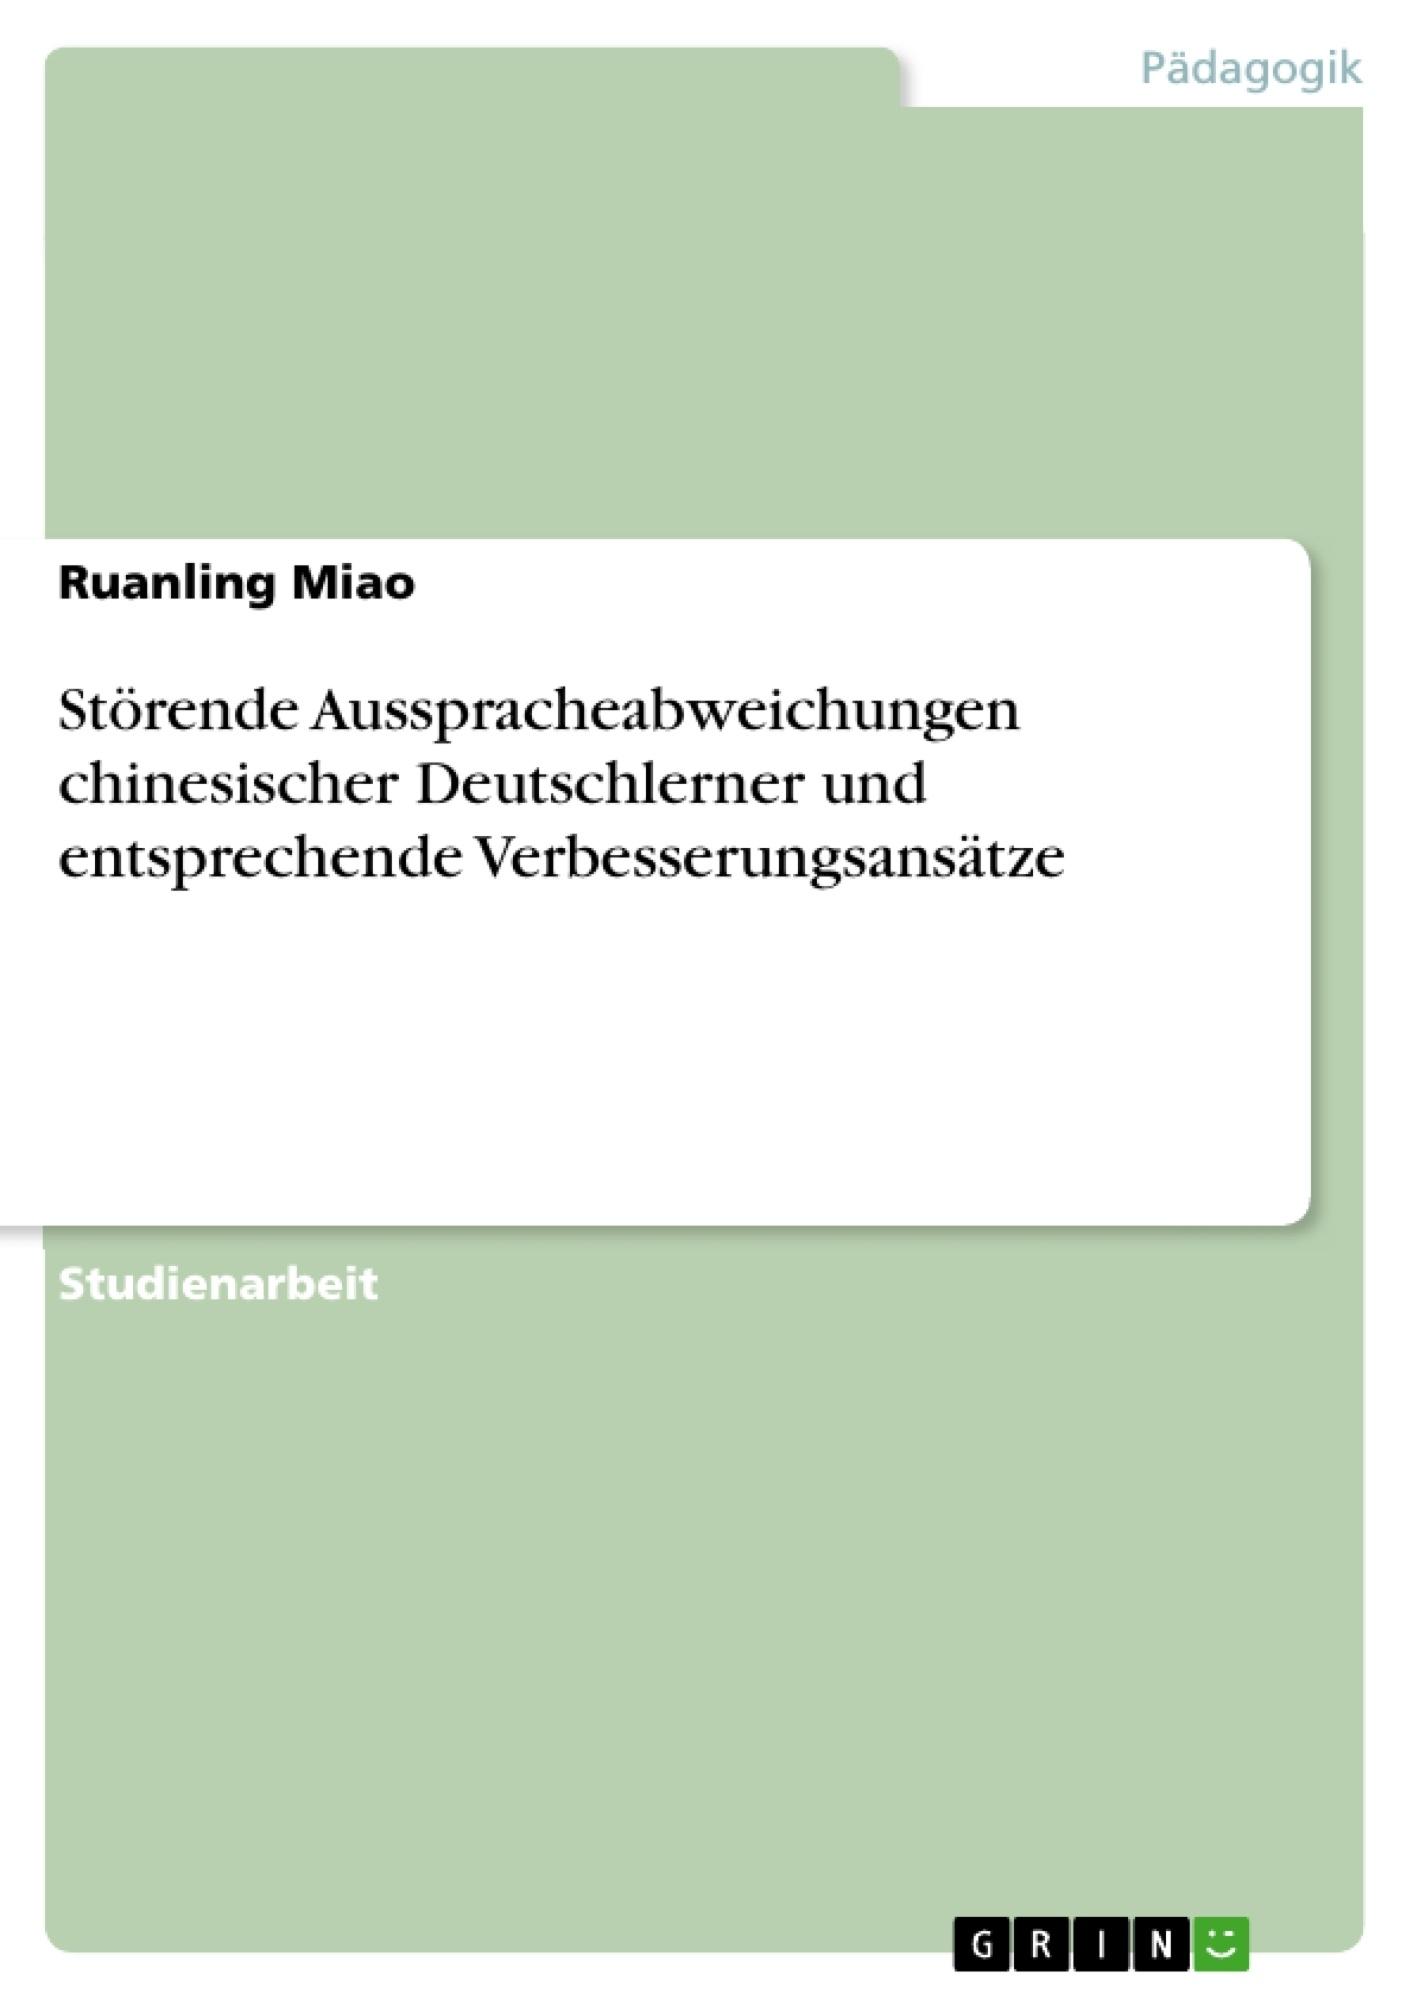 Titel: Störende Ausspracheabweichungen chinesischer Deutschlerner und entsprechende Verbesserungsansätze